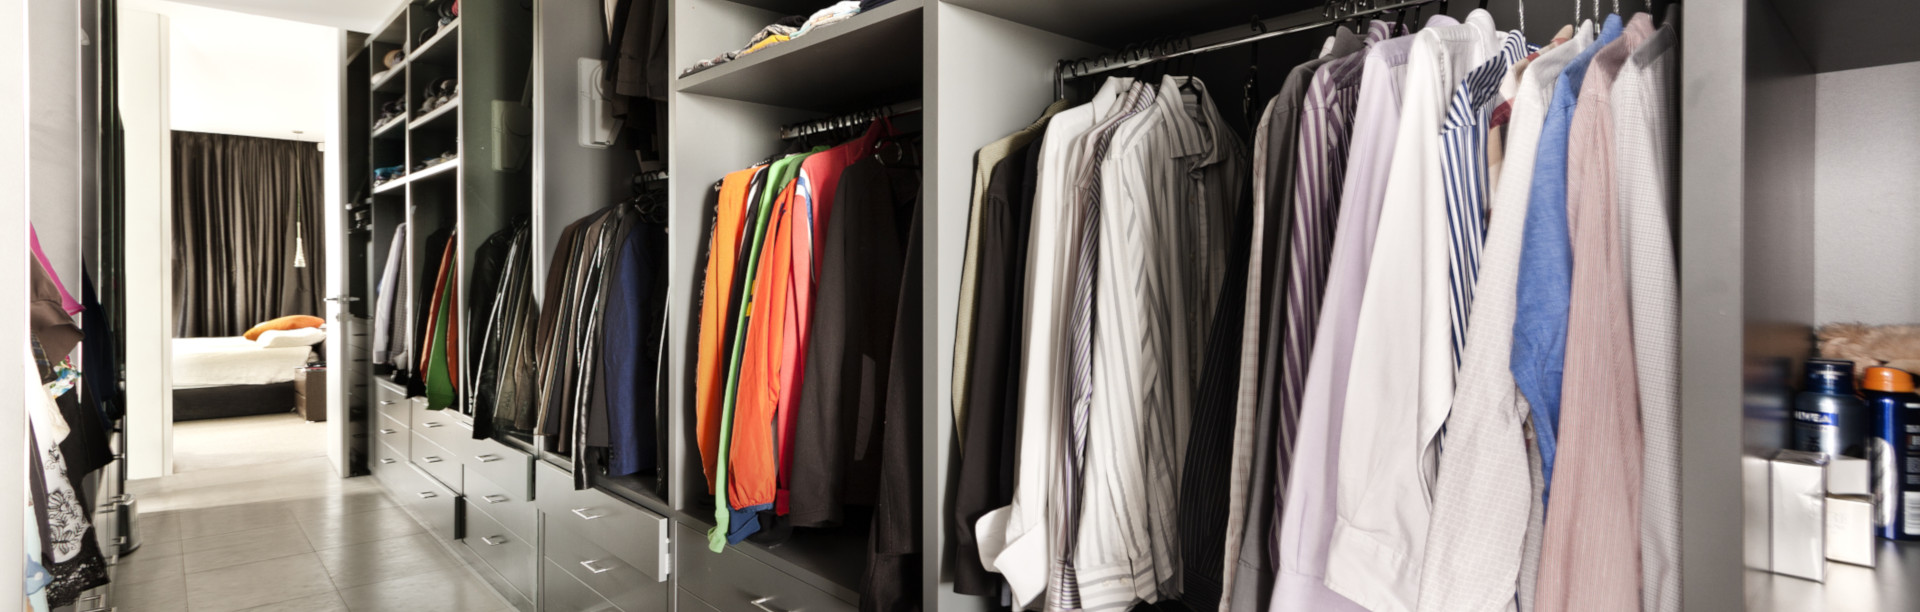 Begehbarer Kleiderschrank nach Maß planen | schrankwerk.de